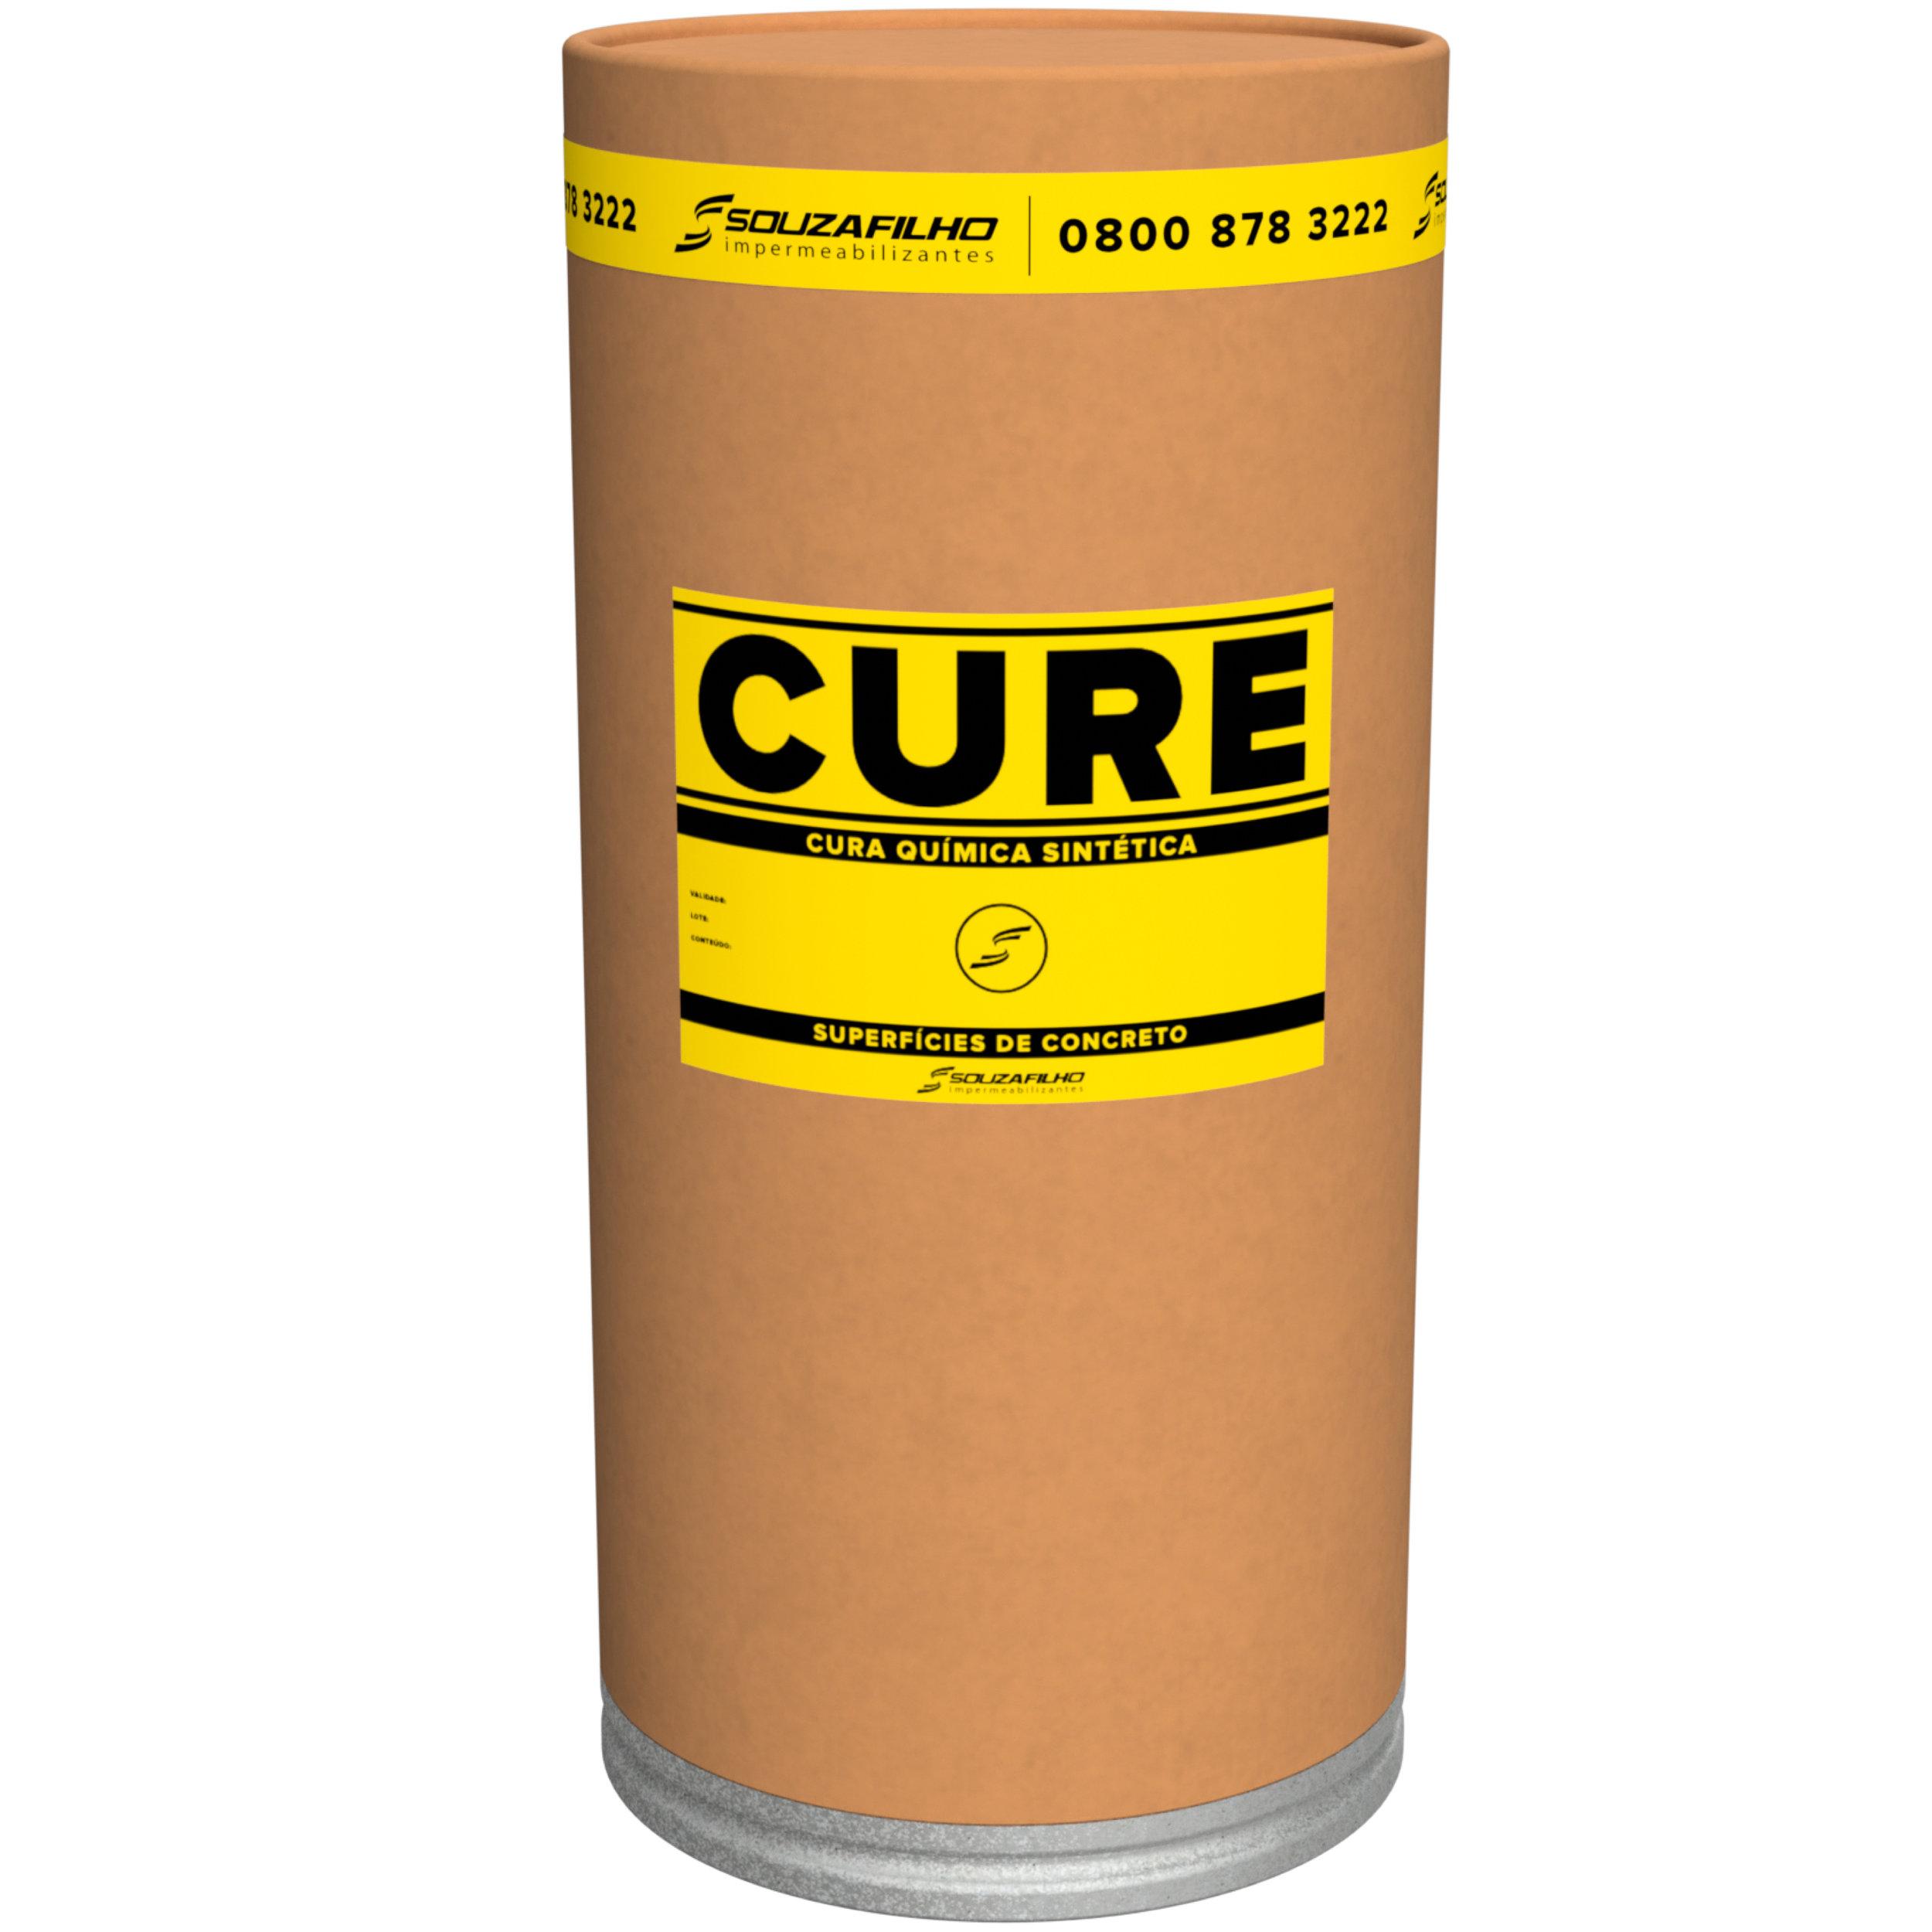 CURE | AGENTE DE CURA QUÍMICA - Membrana sintética polimérica, com estrutura em crosslinker, de alto peso molecular indicada para cura química de todos os tipos de corpos de concreto.